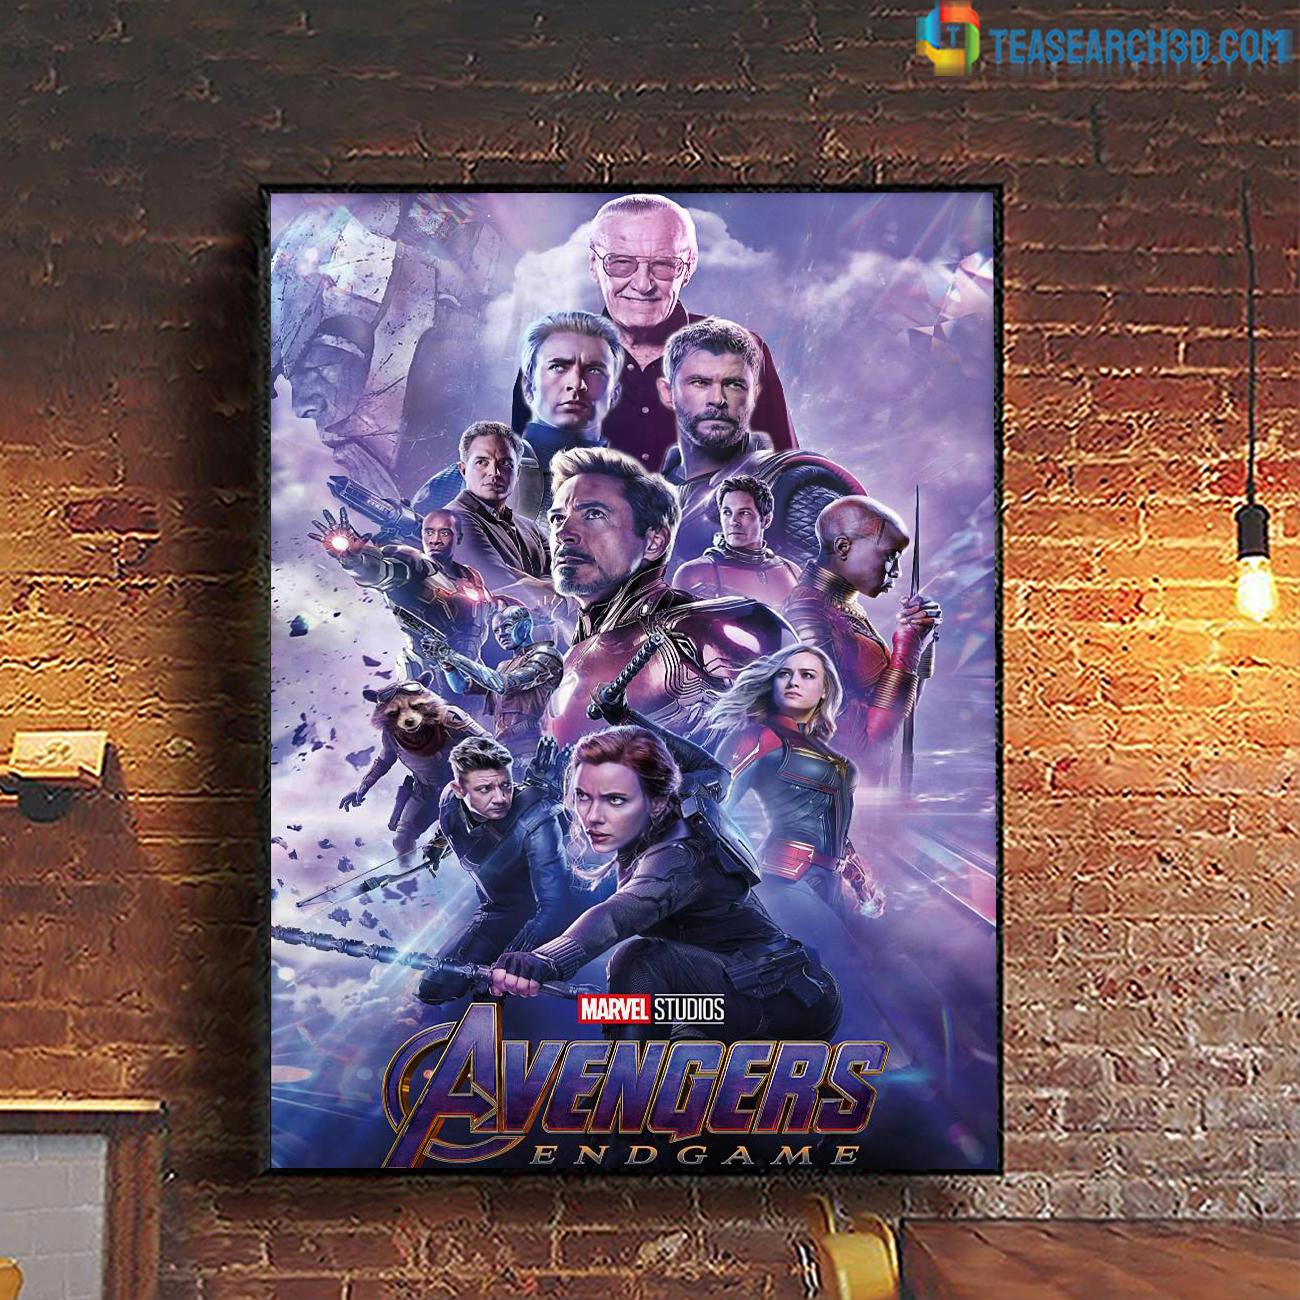 Avengers endgame marvel studio poster A1